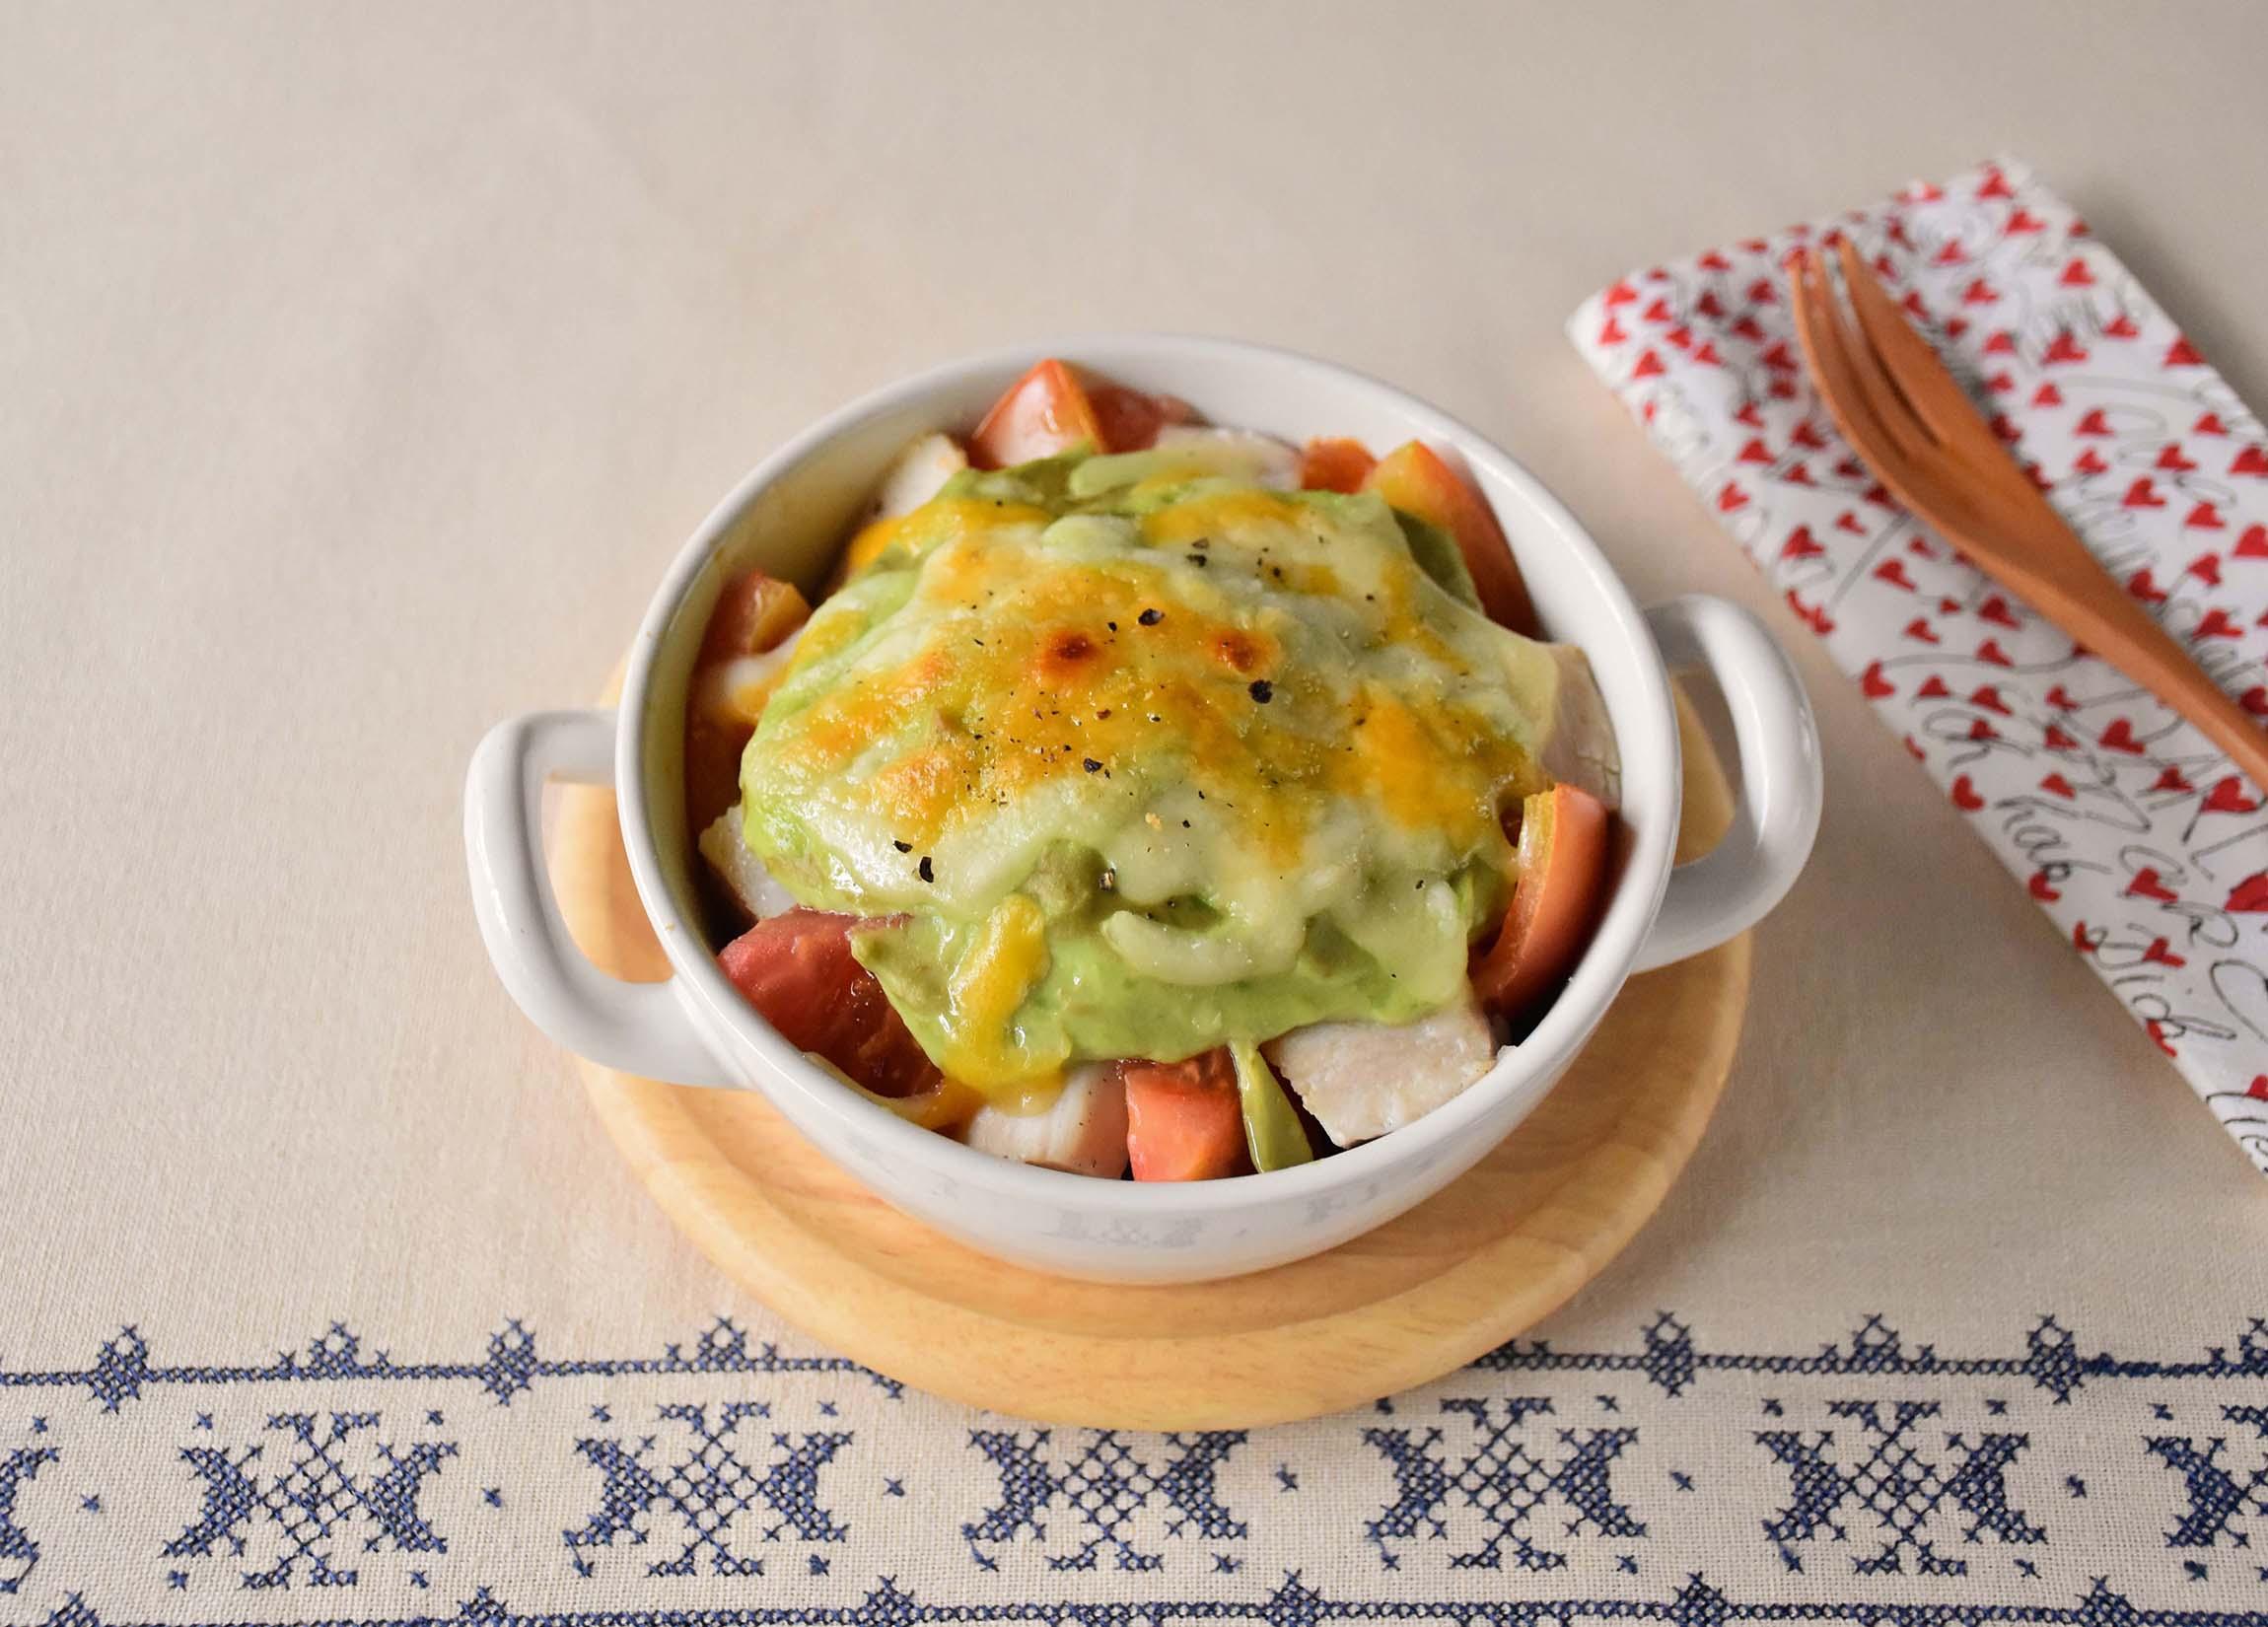 サラダチキンとトマトの<br>豆乳アボカドソースグラタン